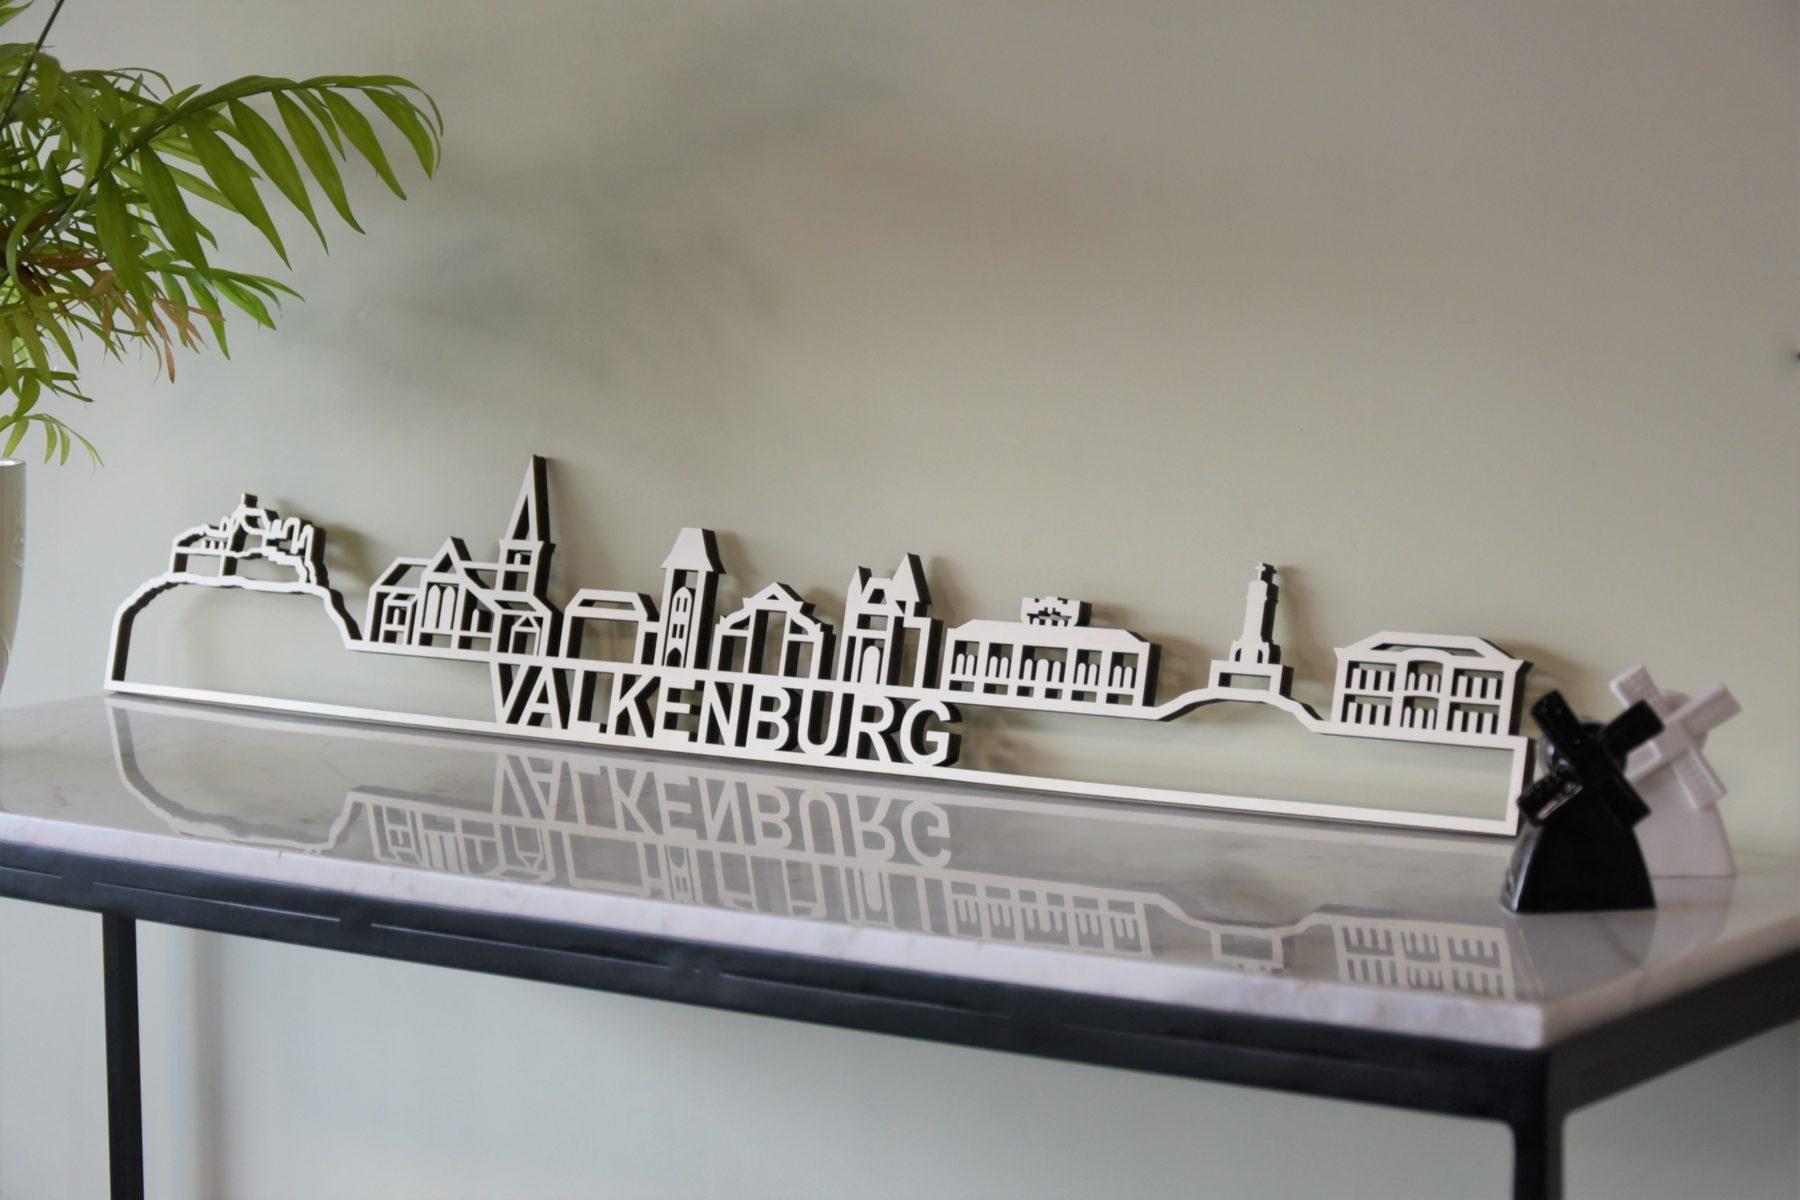 Skyline valkenburg hout populier